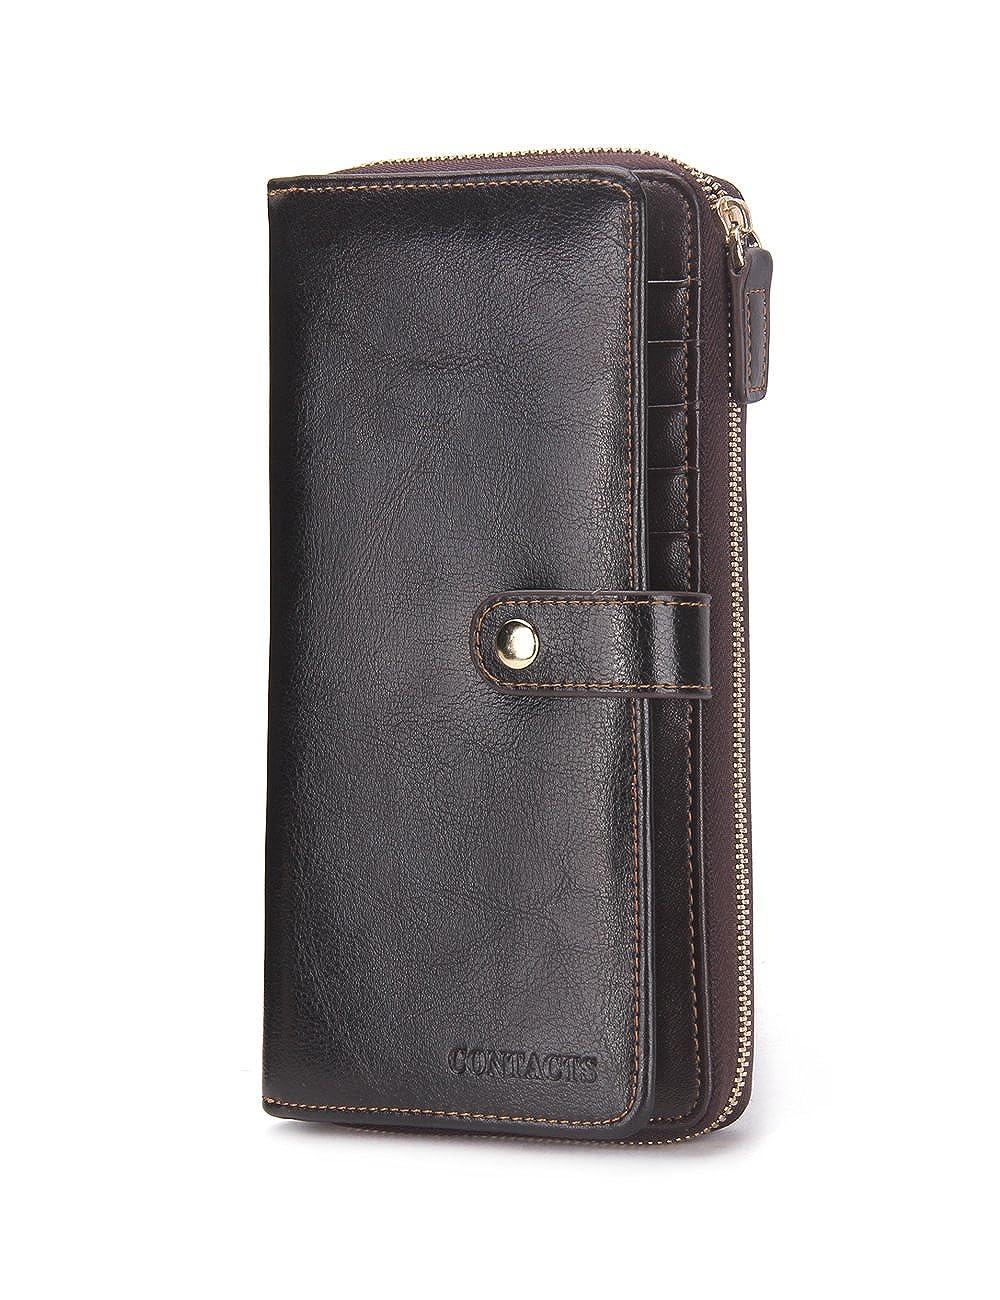 Contacts Echtes Leder Bifold Karte Münzen Geldbörse Telefon Clutch lange Reißverschluss Brieftasche dunklen Kaffee 10440751